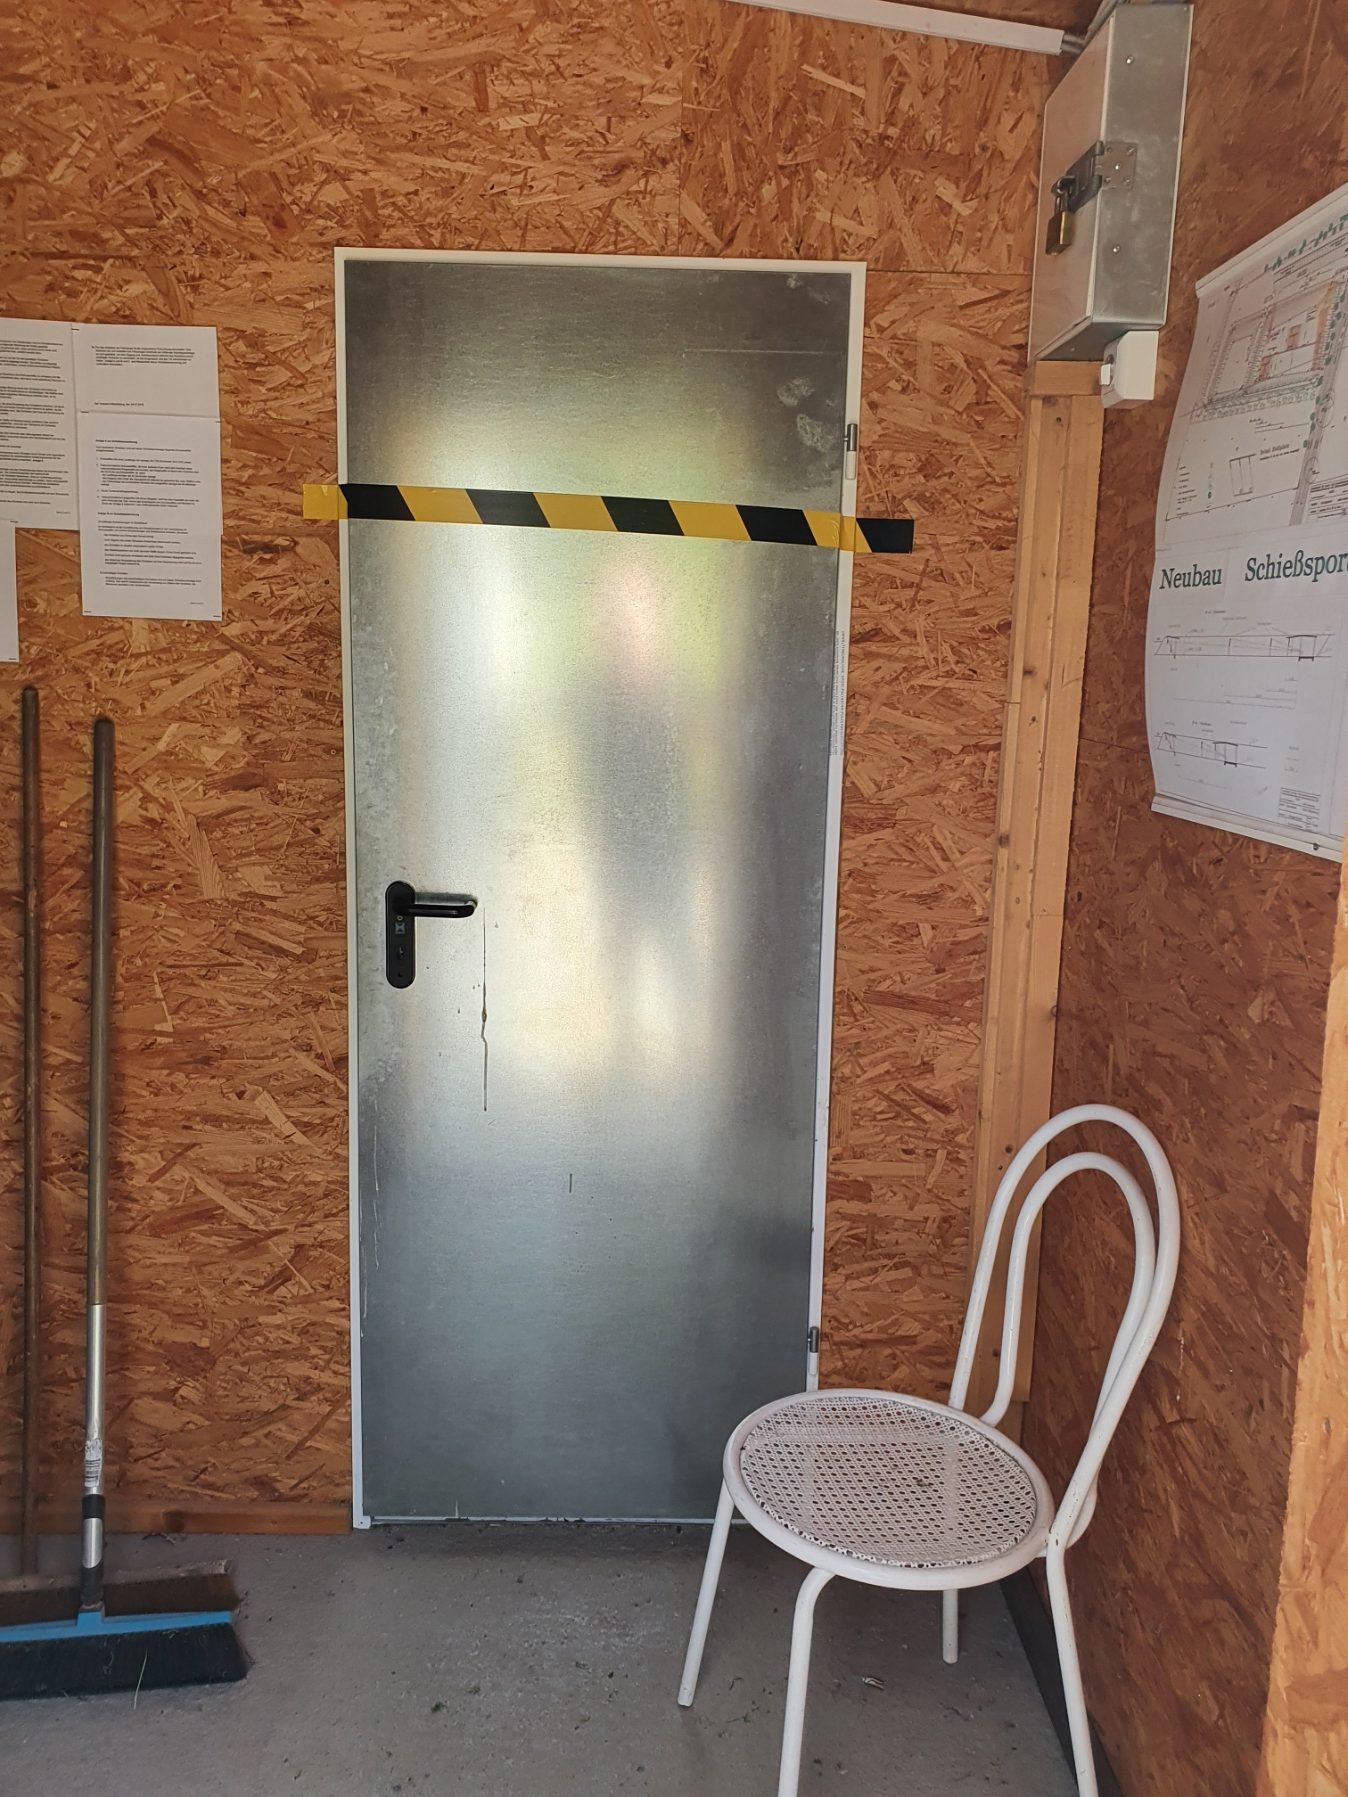 Aufenthaltsraum (und WC) gesperrt